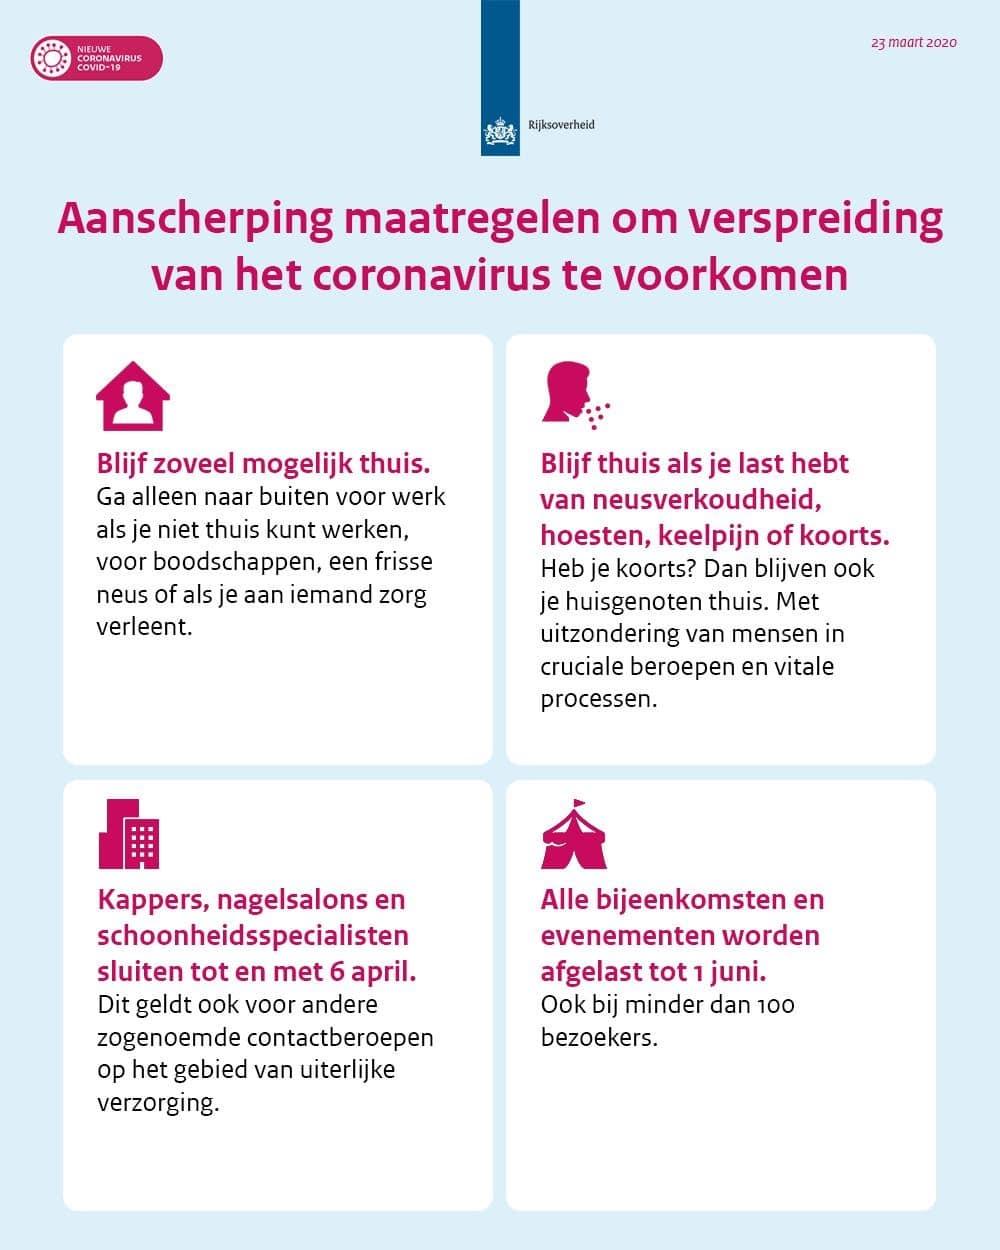 cornonamaatregelen op een poster